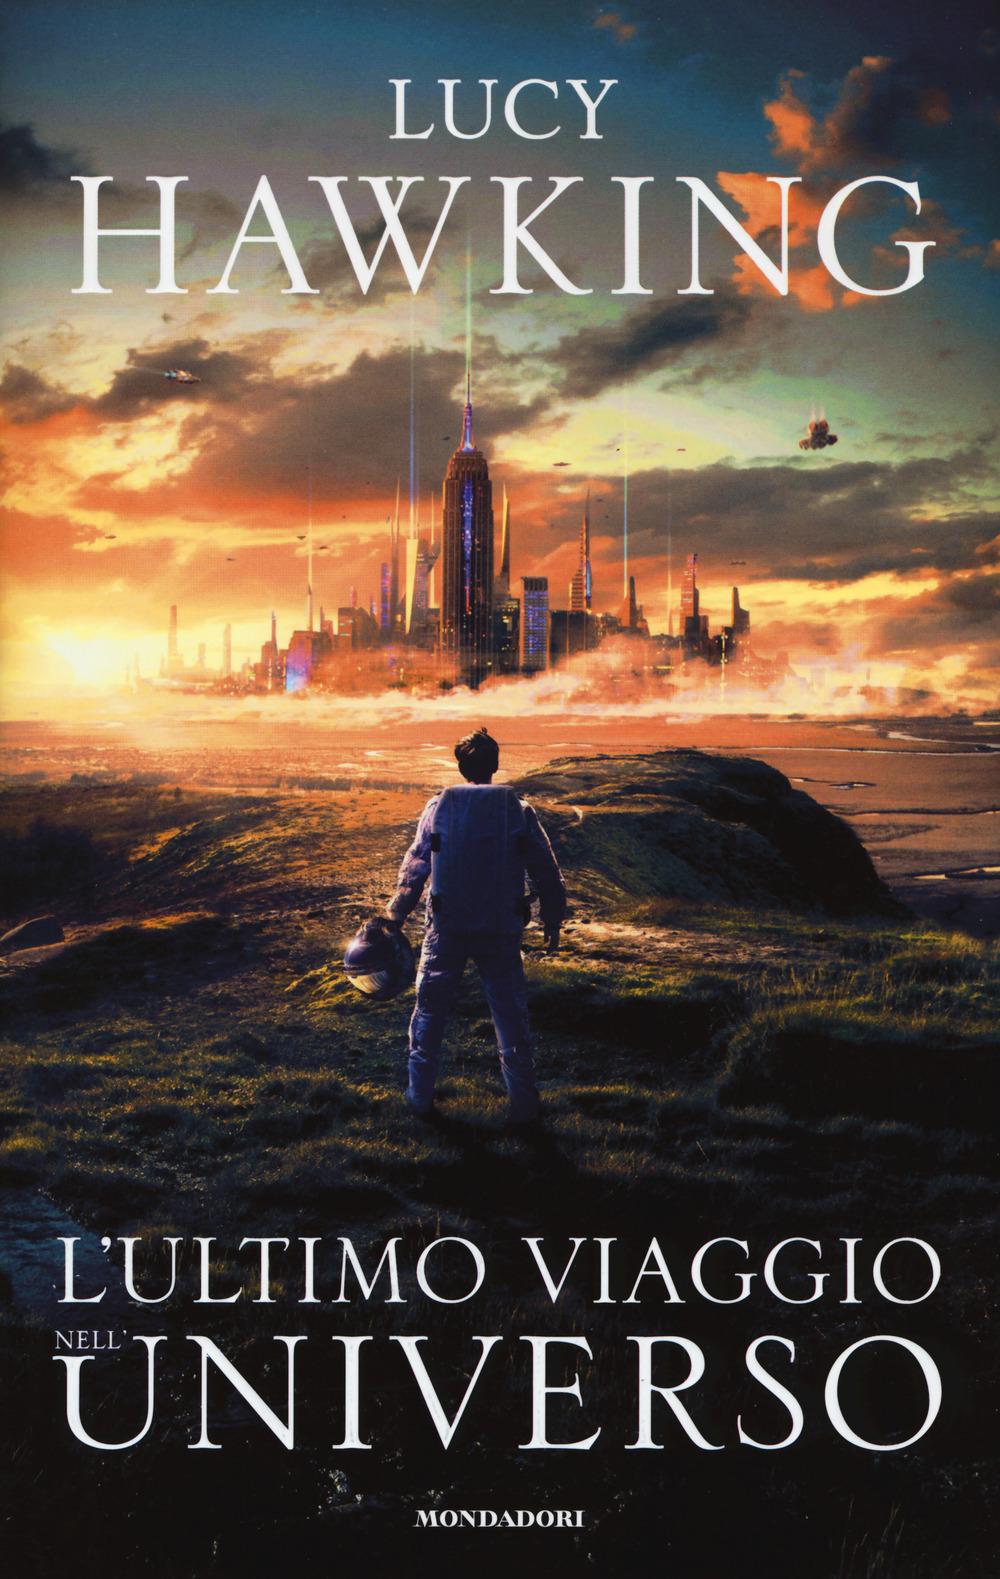 ULTIMO VIAGGIO NELL'UNIVERSO (L')